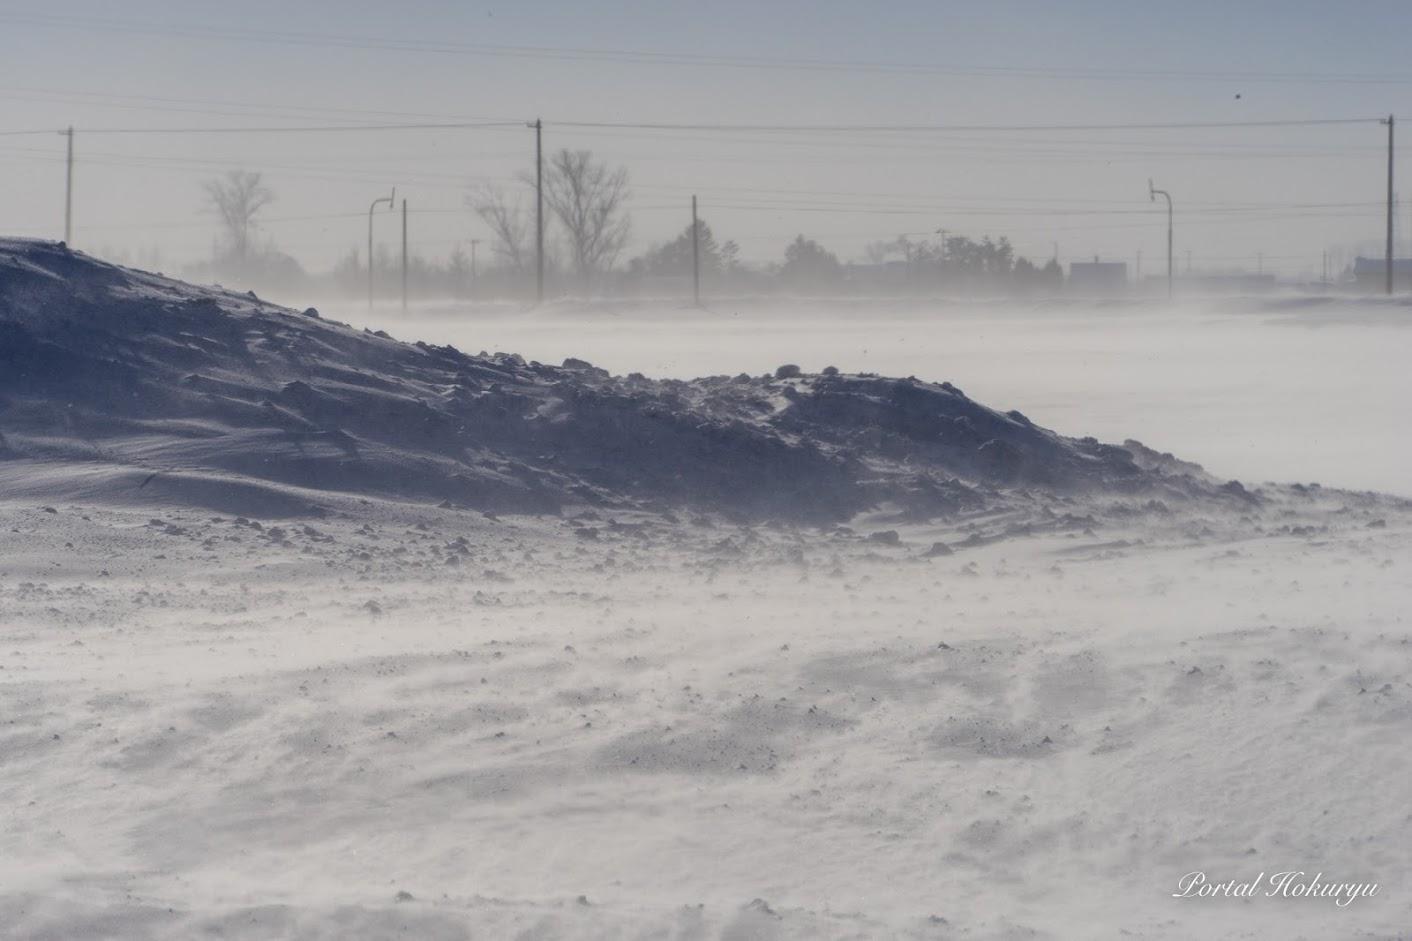 吹雪織り成す風景